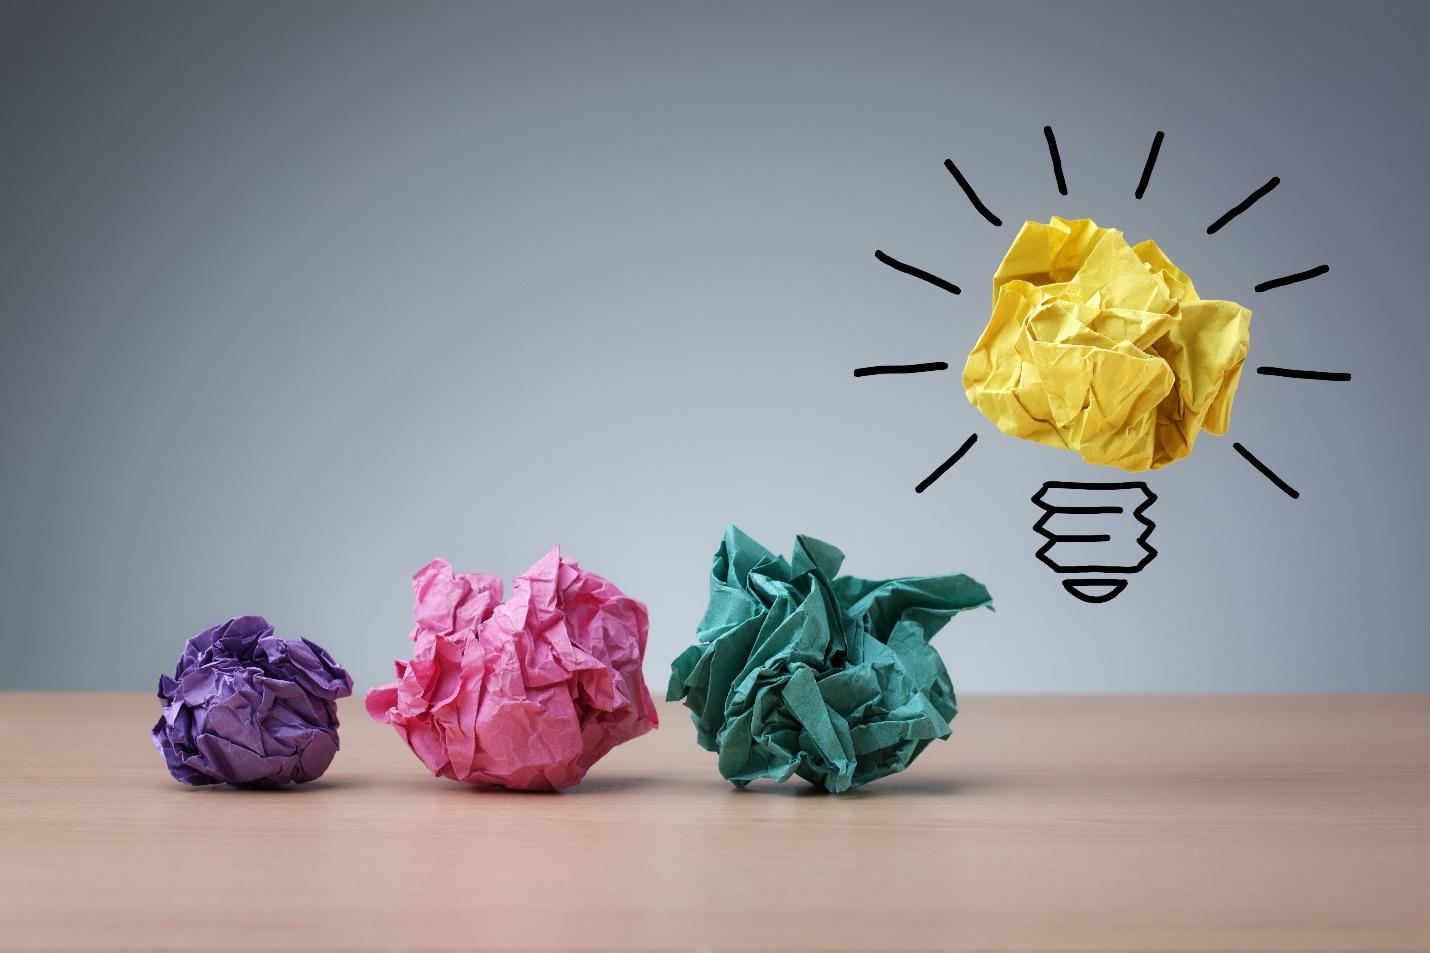 Креативные идеи для бизнеса